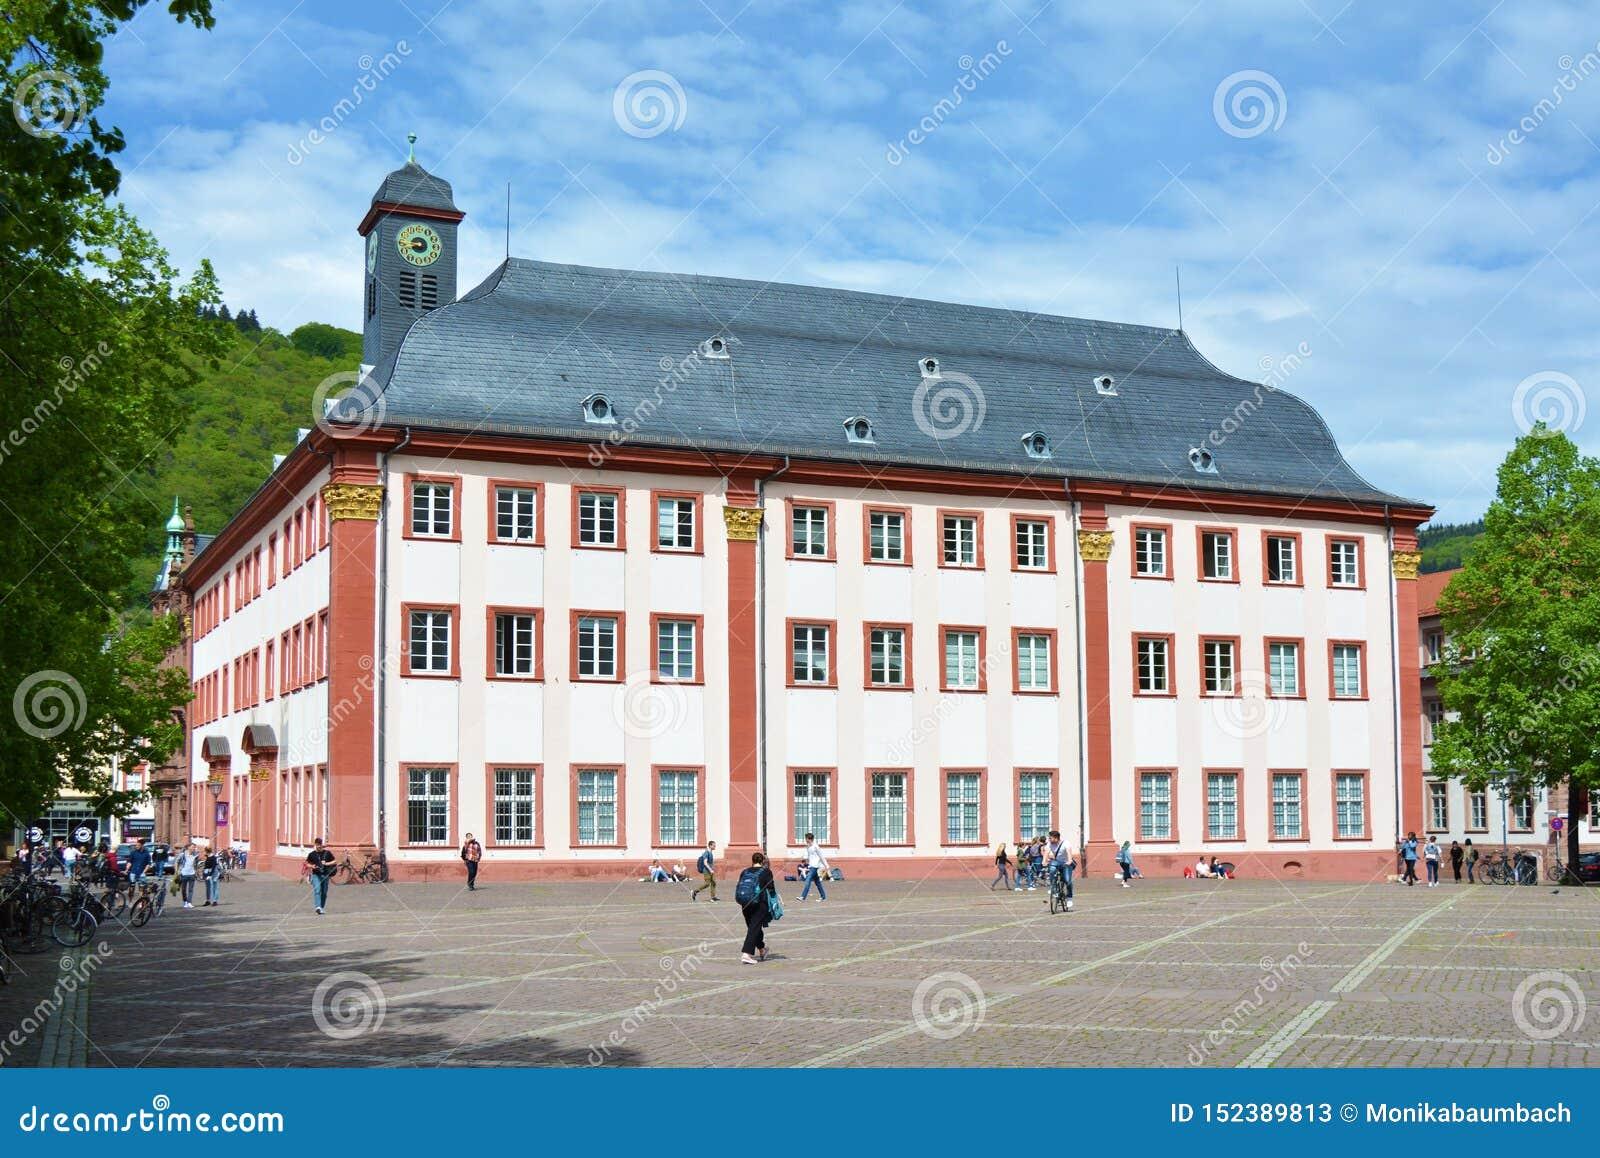 Voll- Ansicht des alten historischen Hochschulgebäudes, das jetzt als Treffen oder Konzertsaal im Stadtzentrum benutzt wird